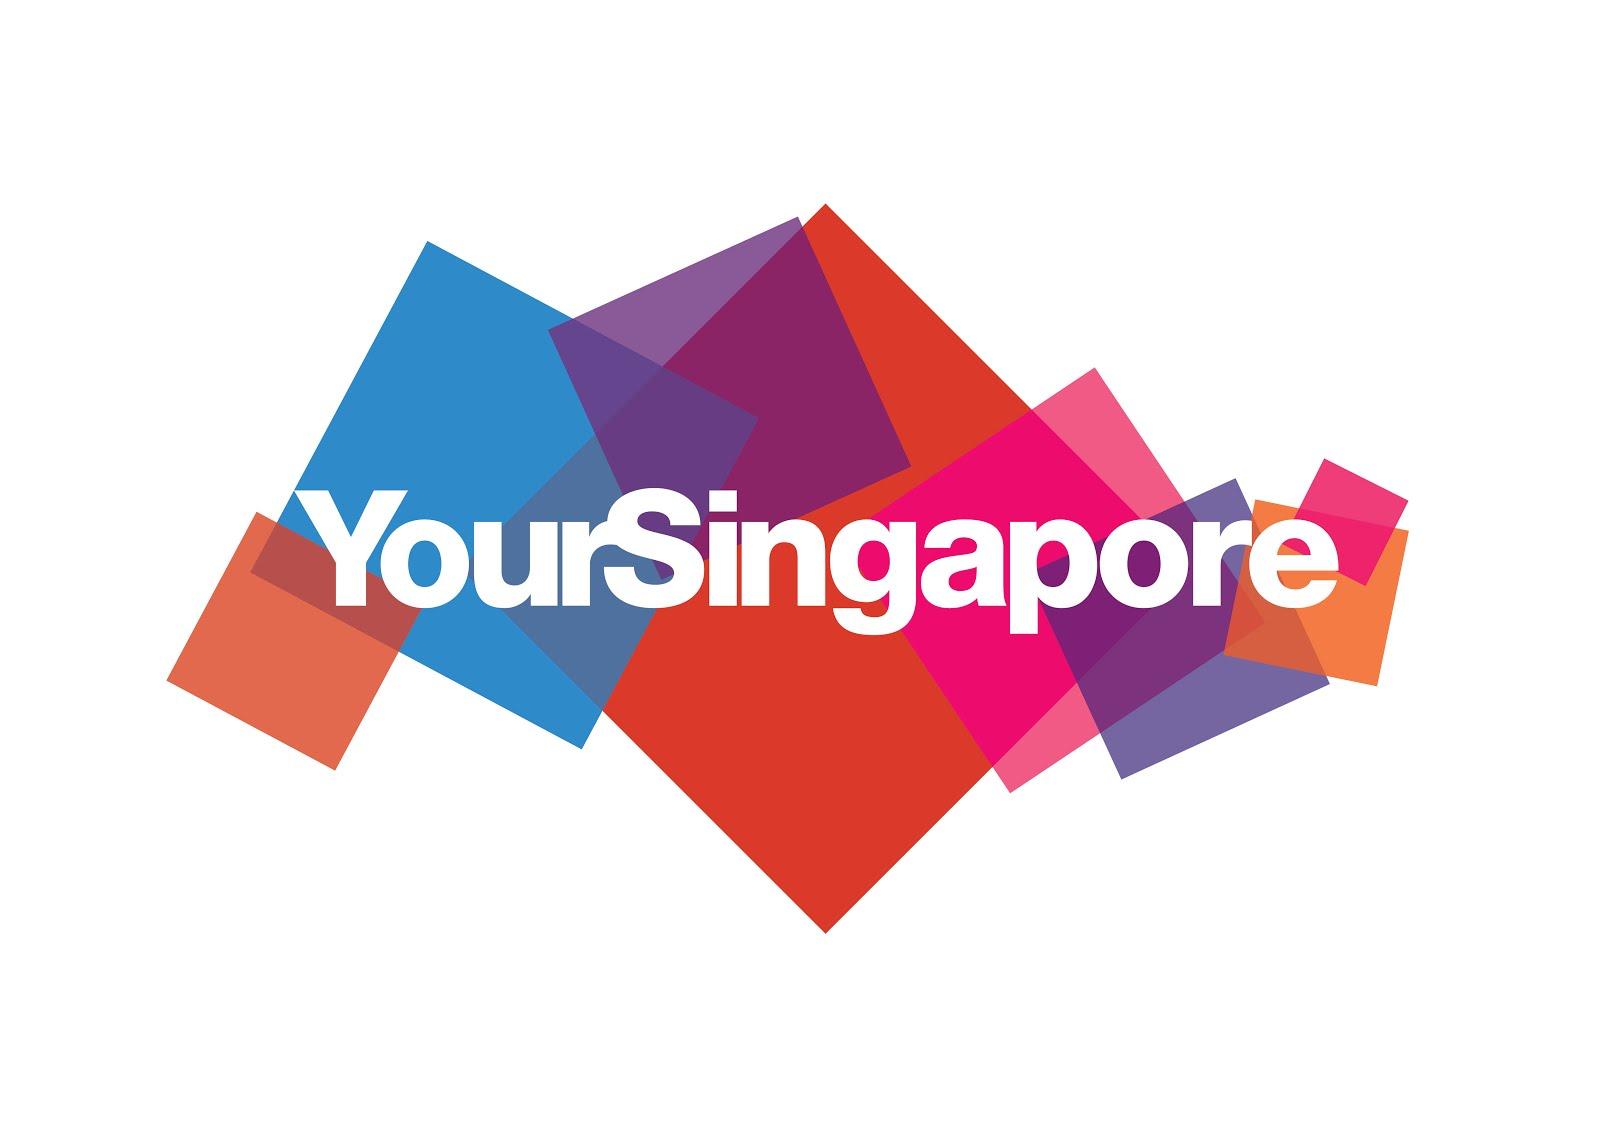 #GetIntoSingapore